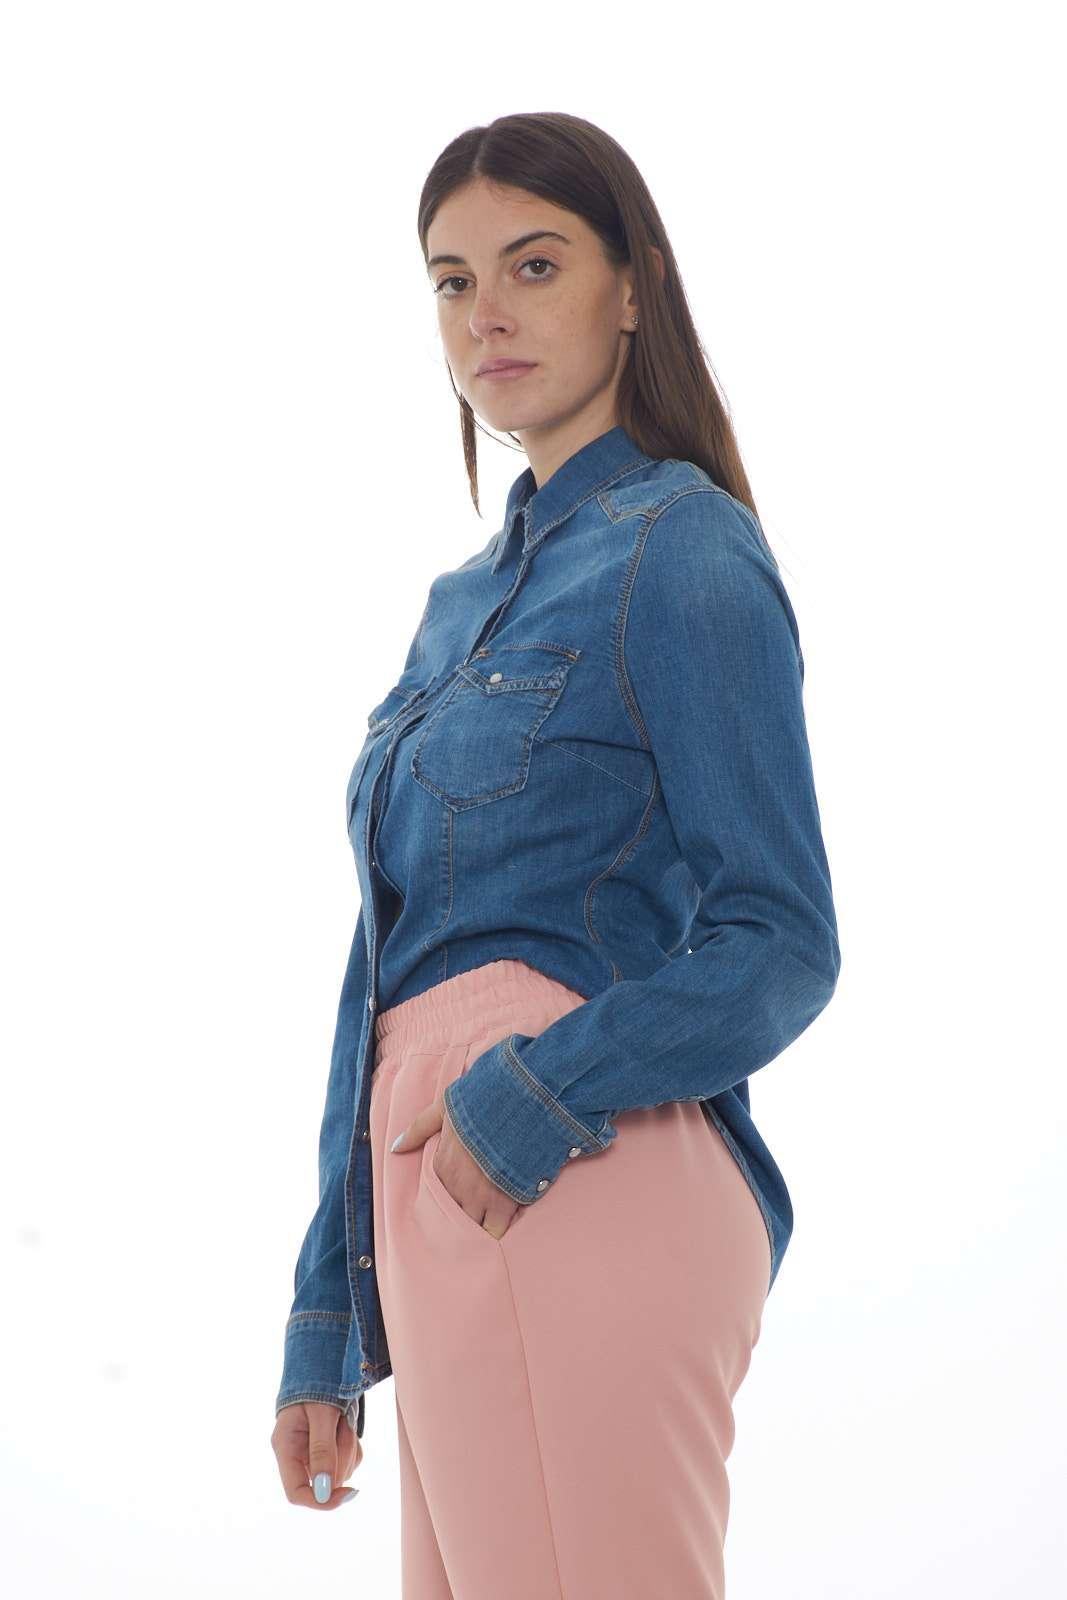 https://www.parmax.com/media/catalog/product/a/i/PE-outlet_parmax-camicia-donna-Liu-Jo-u67055-B.jpg